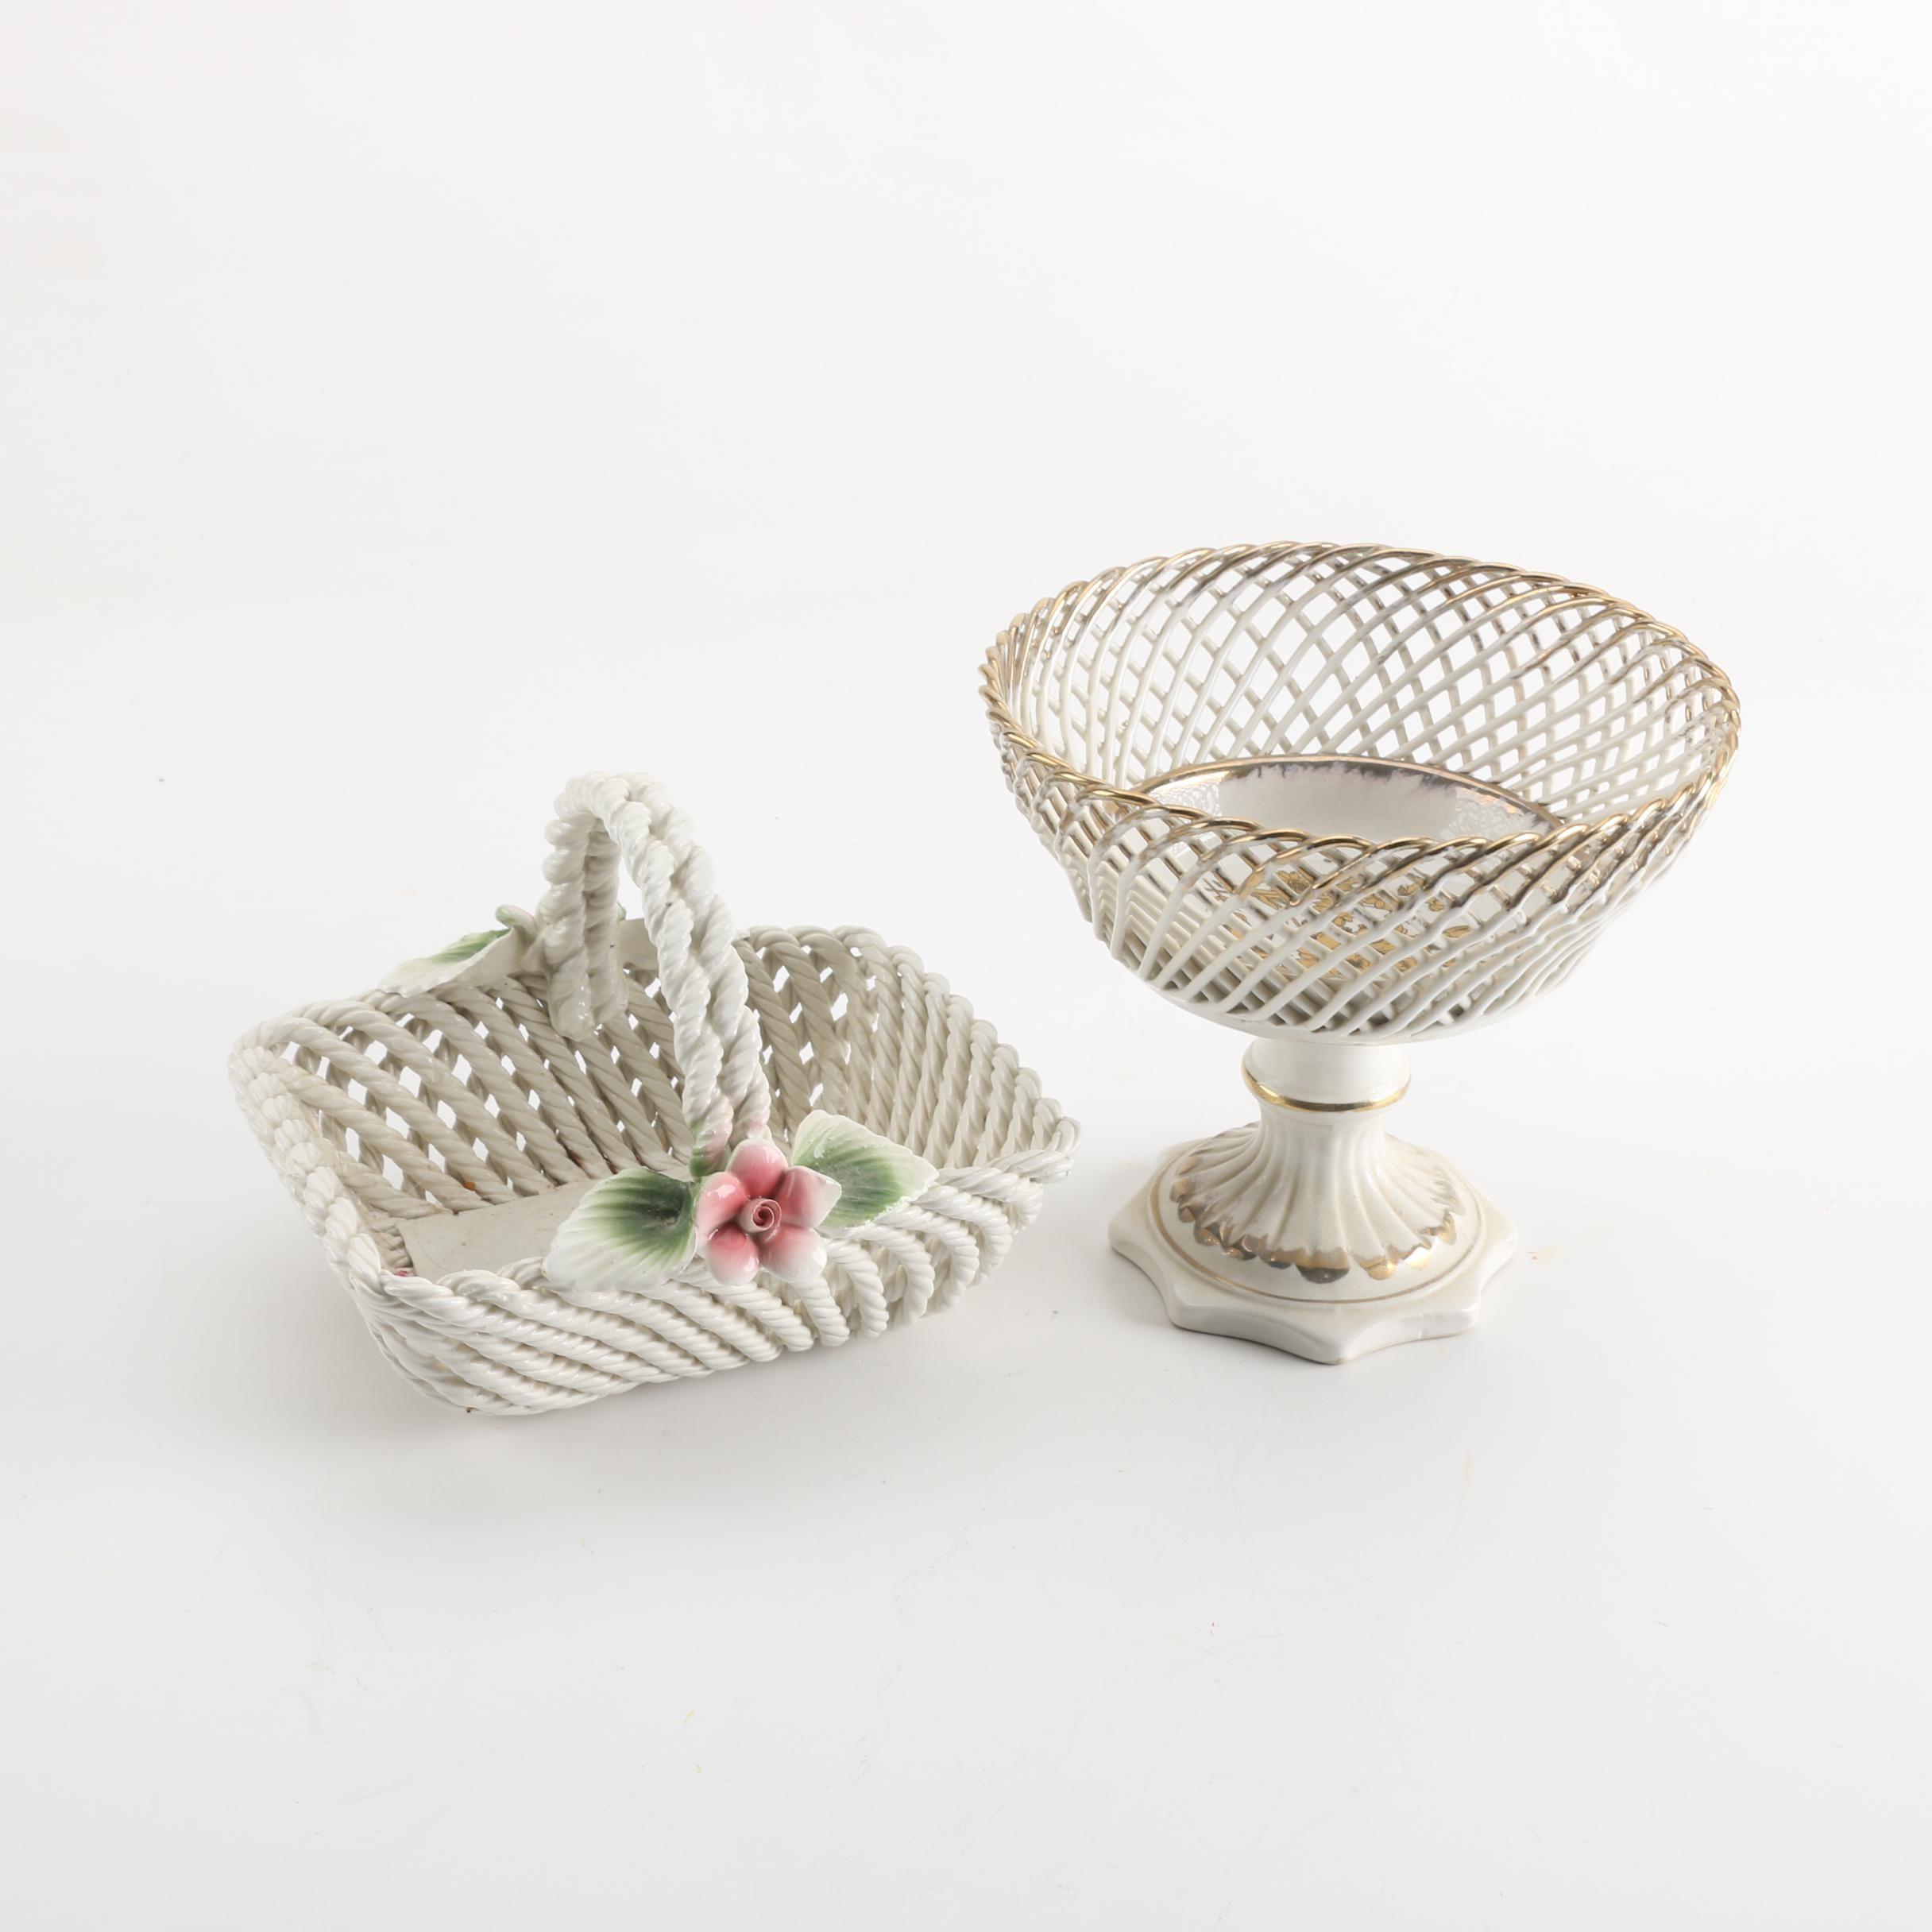 Ceramic Decor Featuring Lamzarin